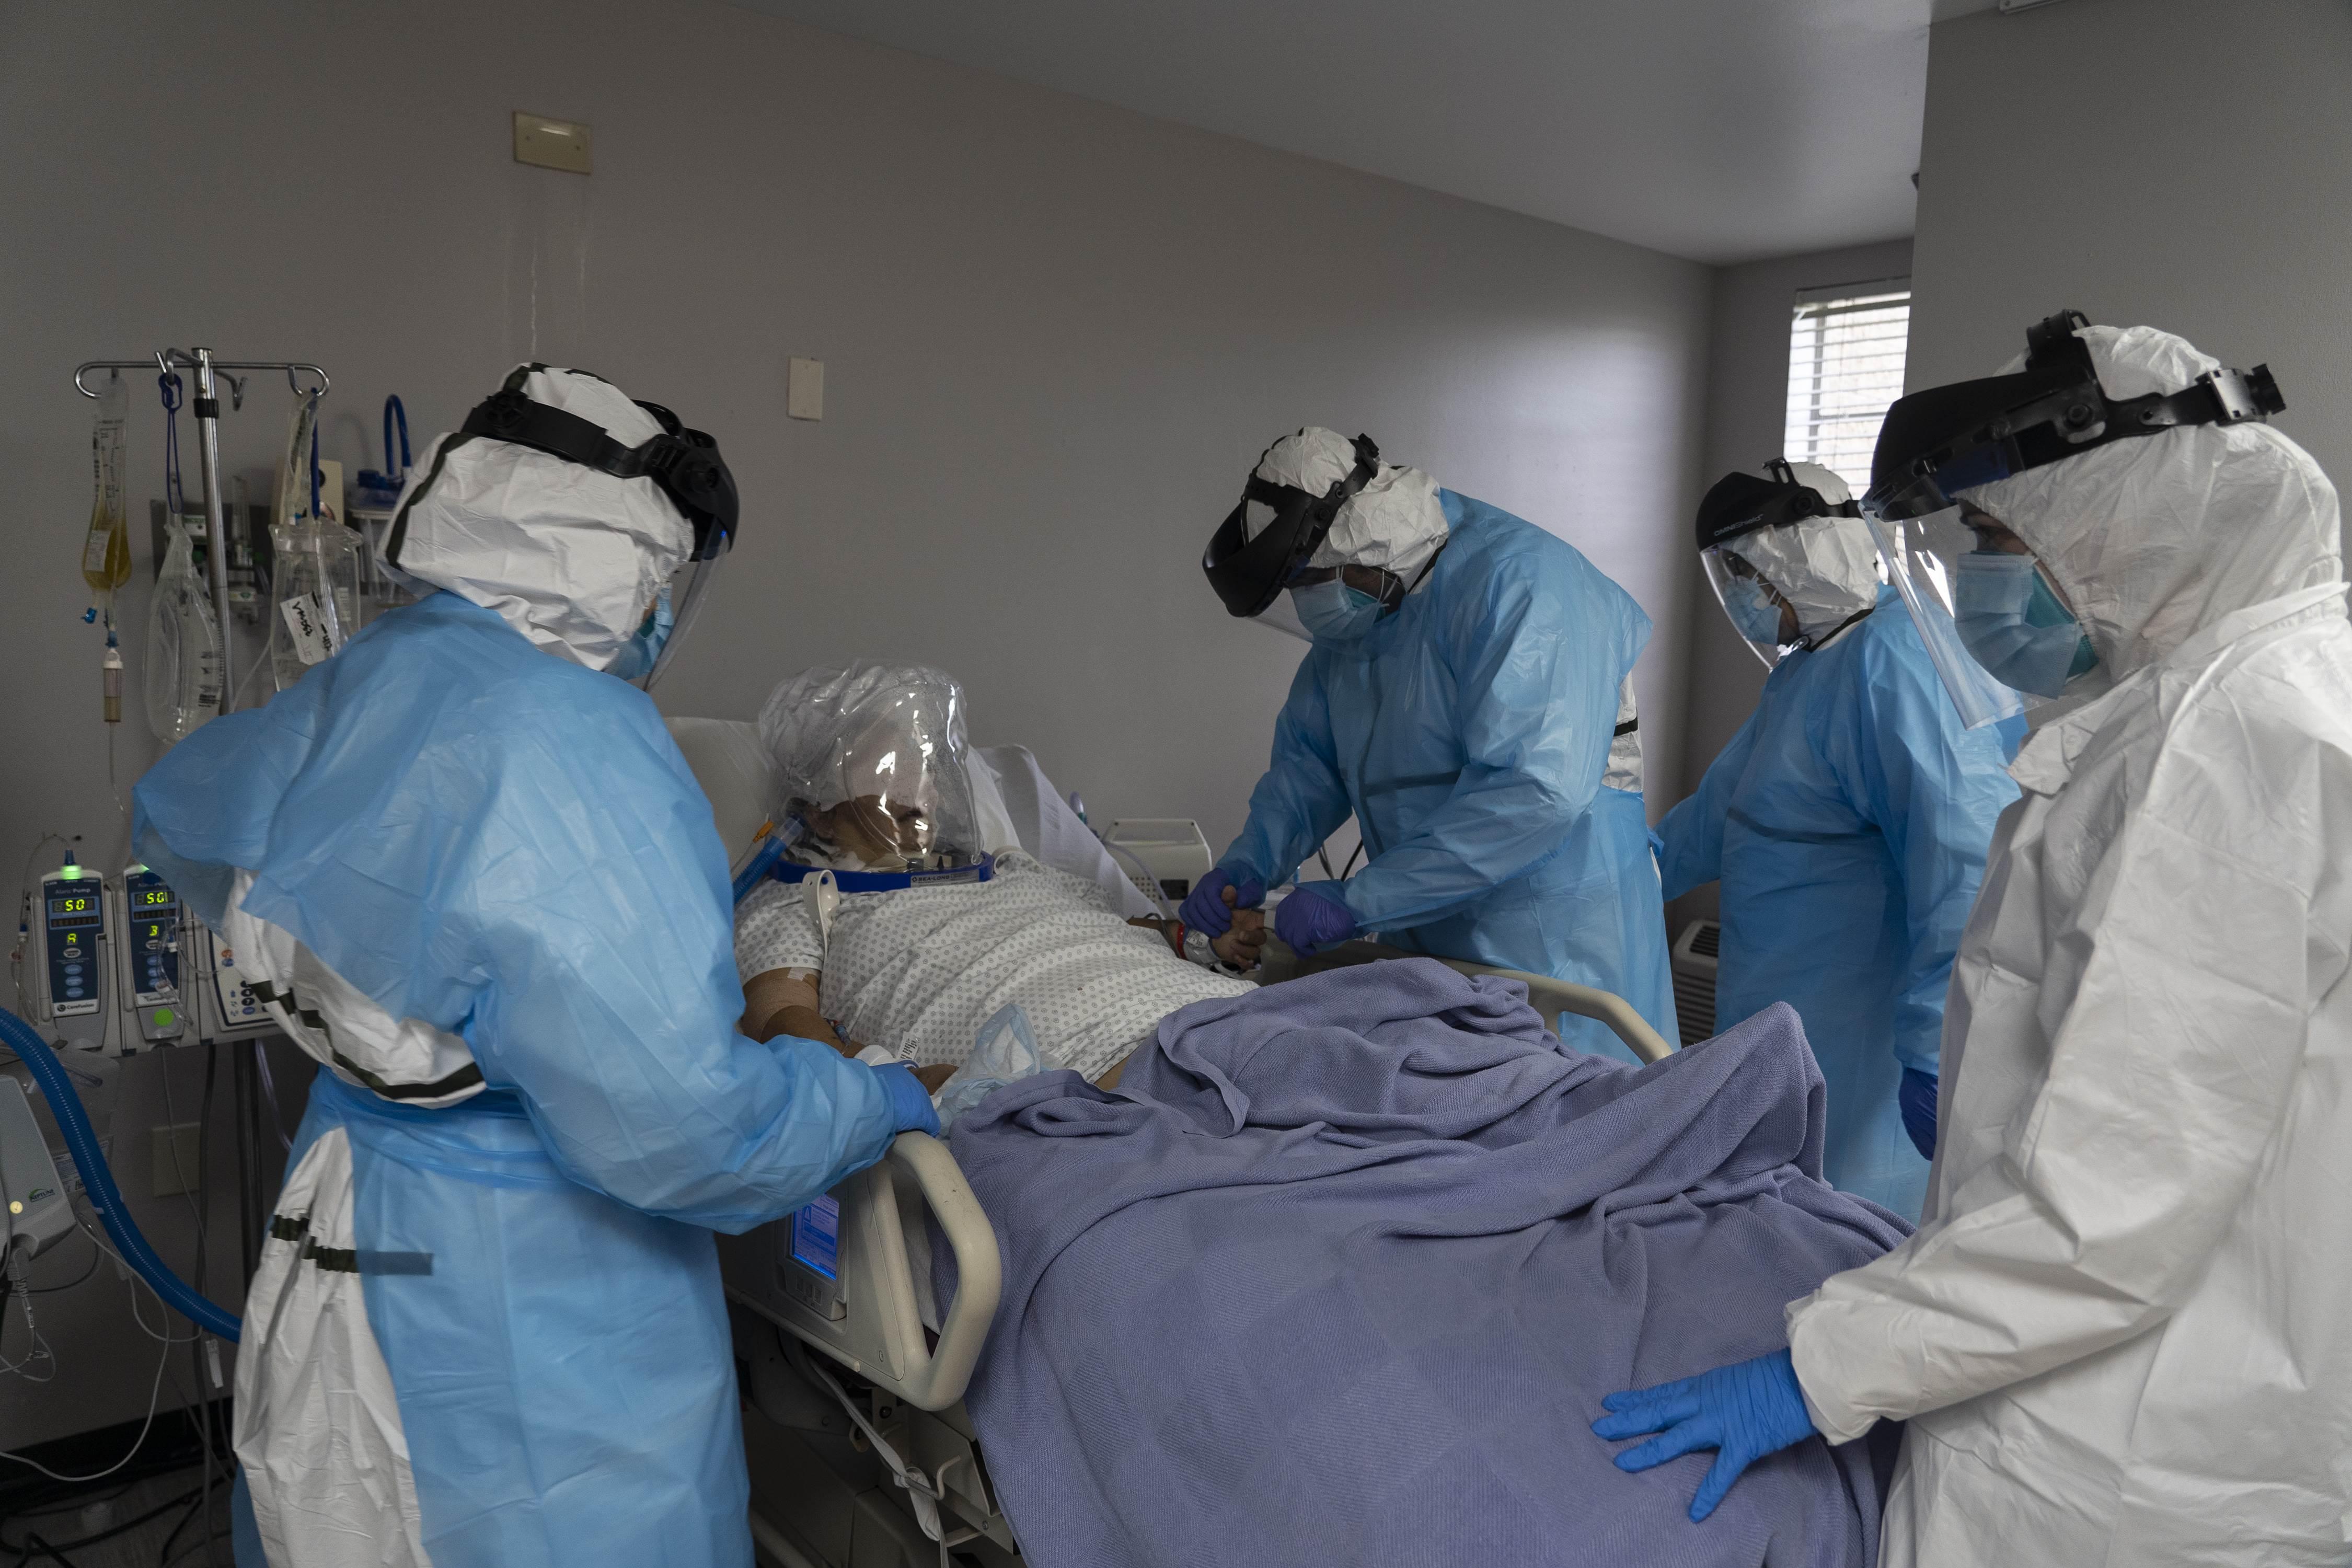 코로나19 중증 환자를 치료하고 있는 미국 의료진